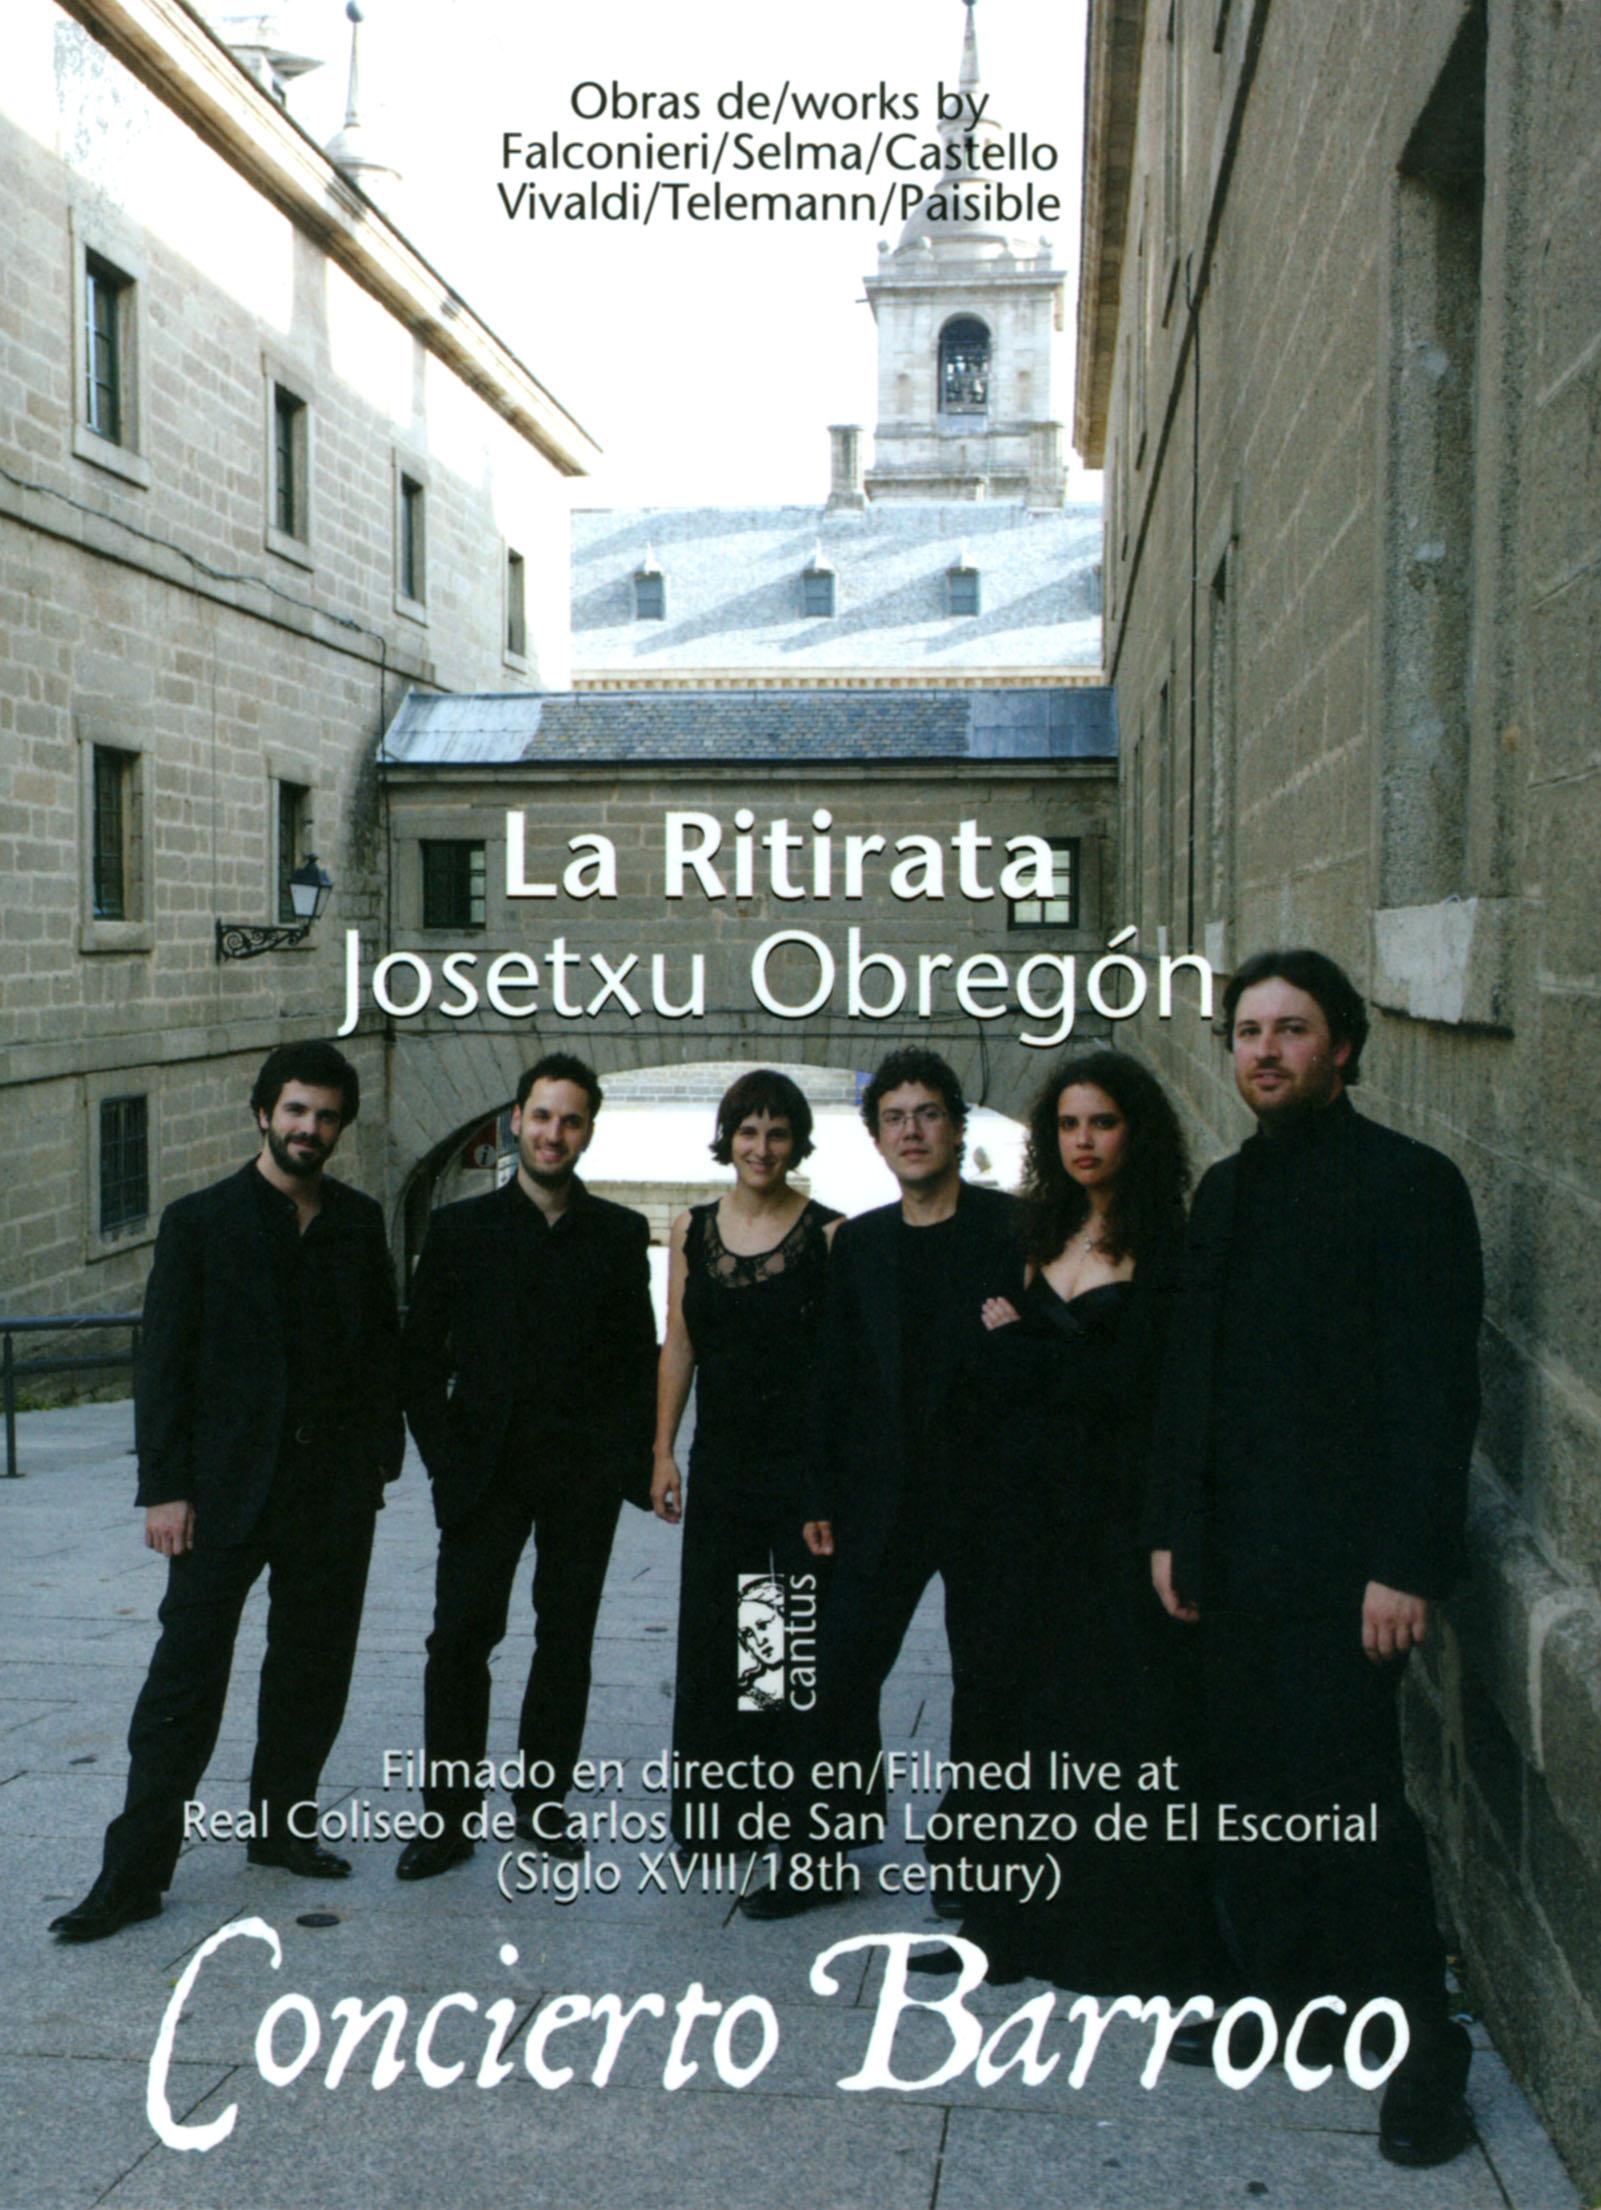 La Ritirata/Josetxu Obregon: Concierto Barroco